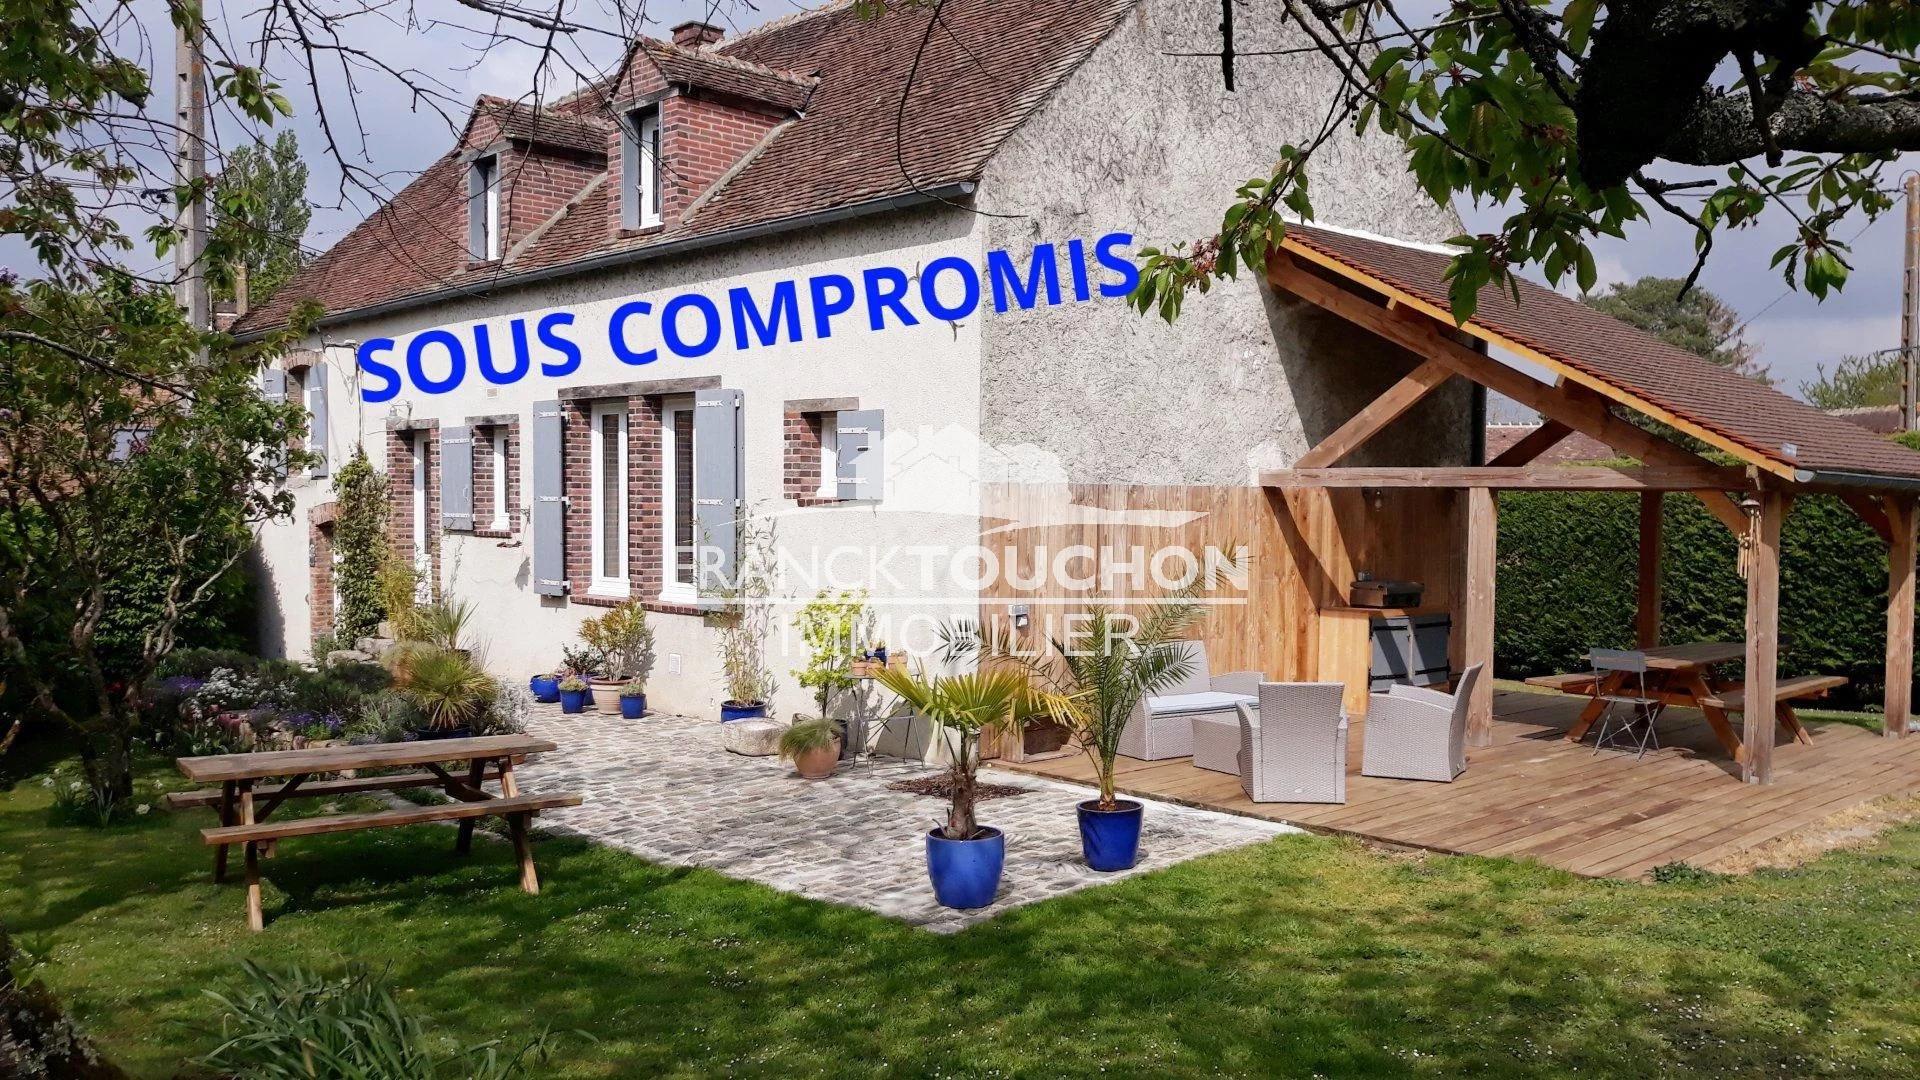 LONGERE - CHEVRY (45210) - 1h15 de PARIS - 4 chambres - 135 m² hab - 4300 m² terrain